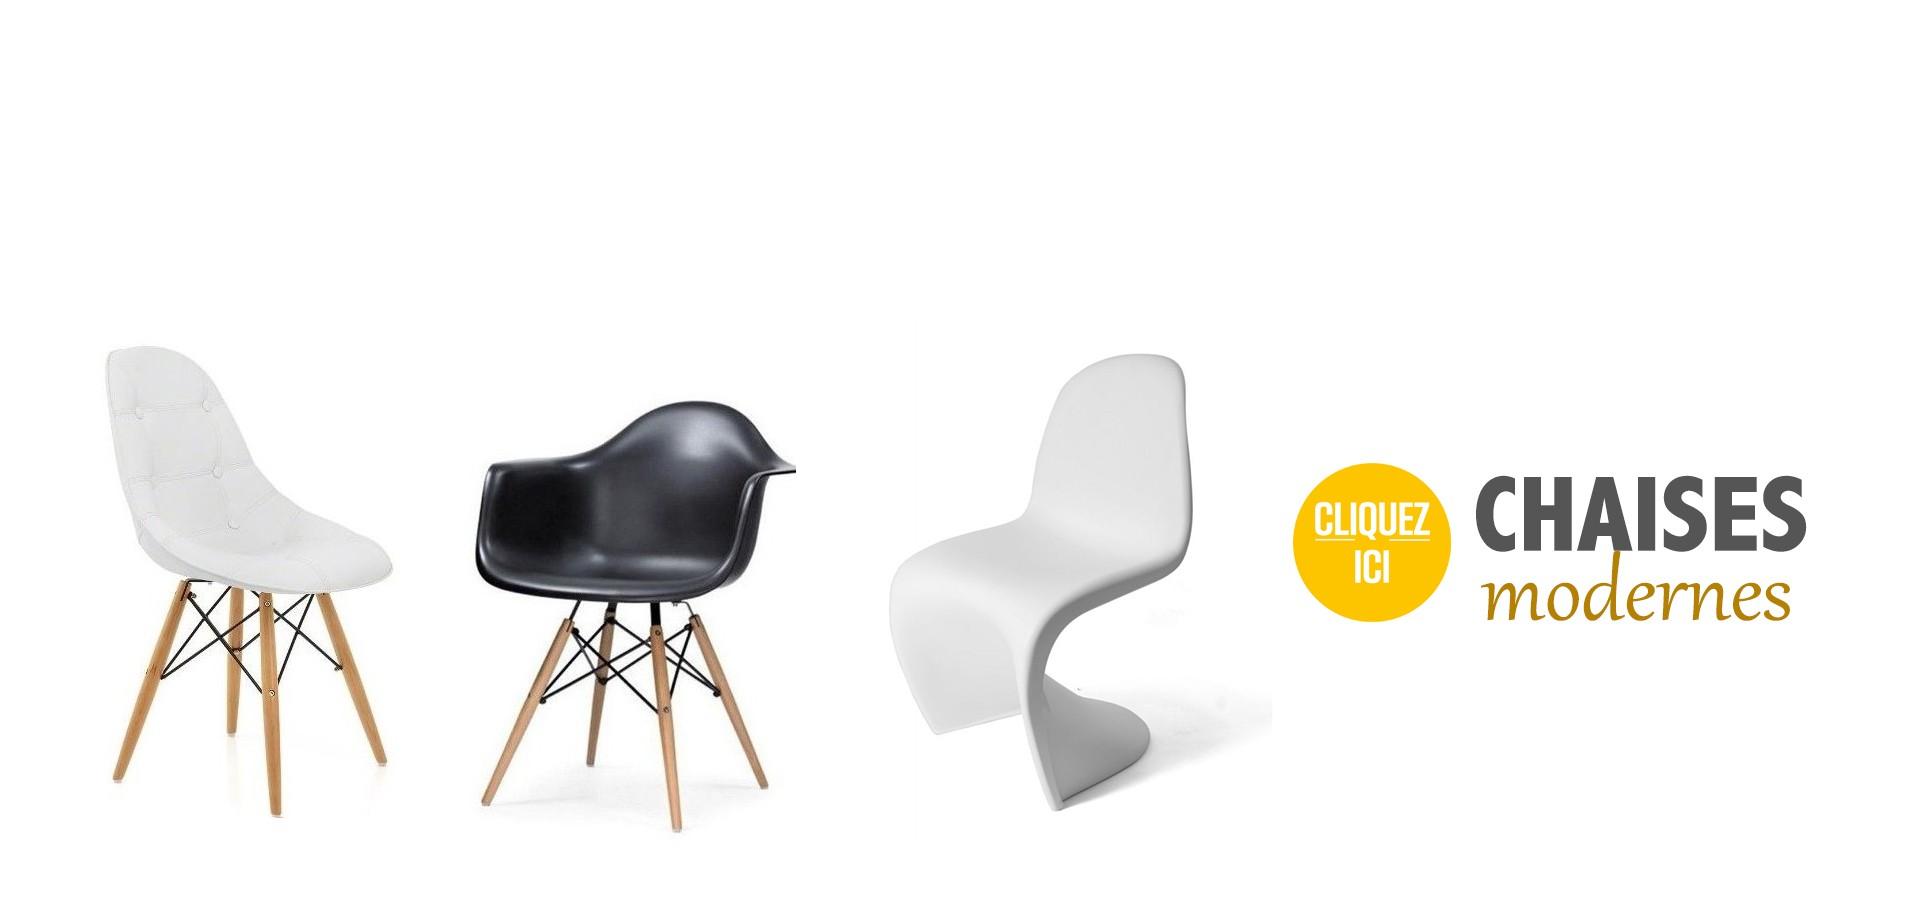 Chaises Modernes Bruxelles - fournisseur de design d'intérieur